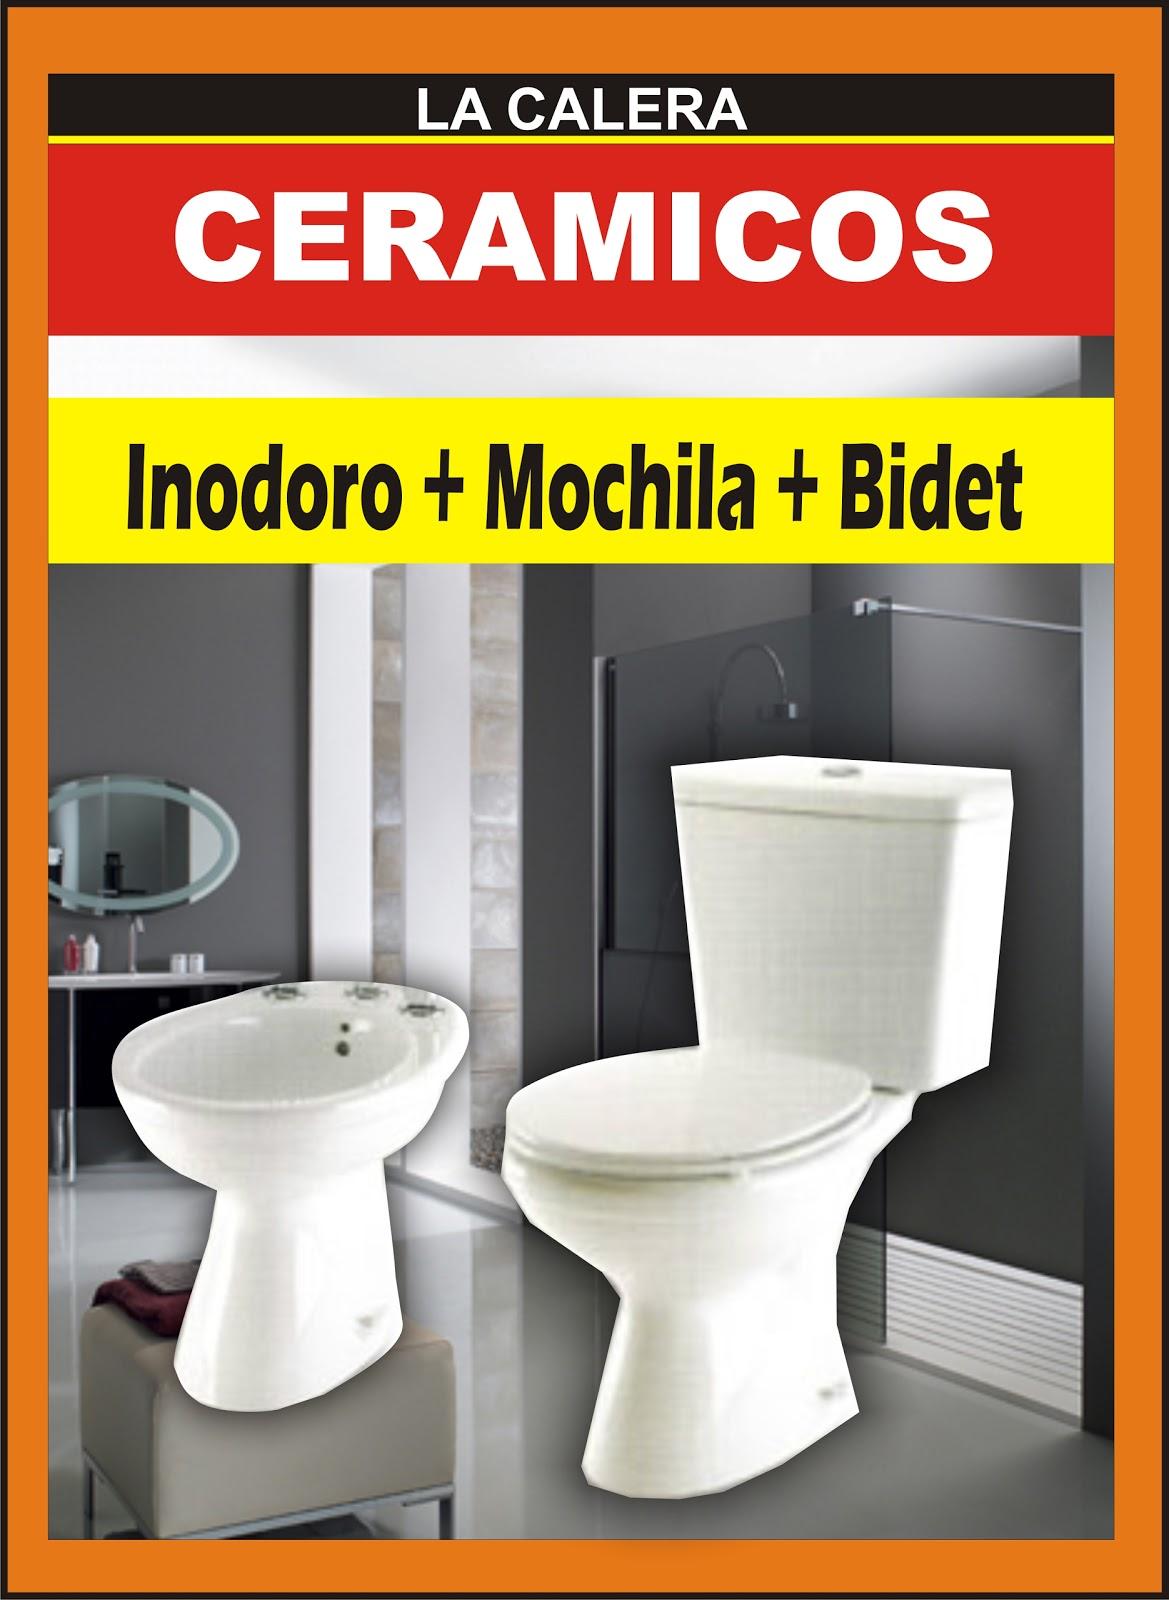 Lacaleraceramicos inodoro mochila bidet for Inodoro con mochila incorporada